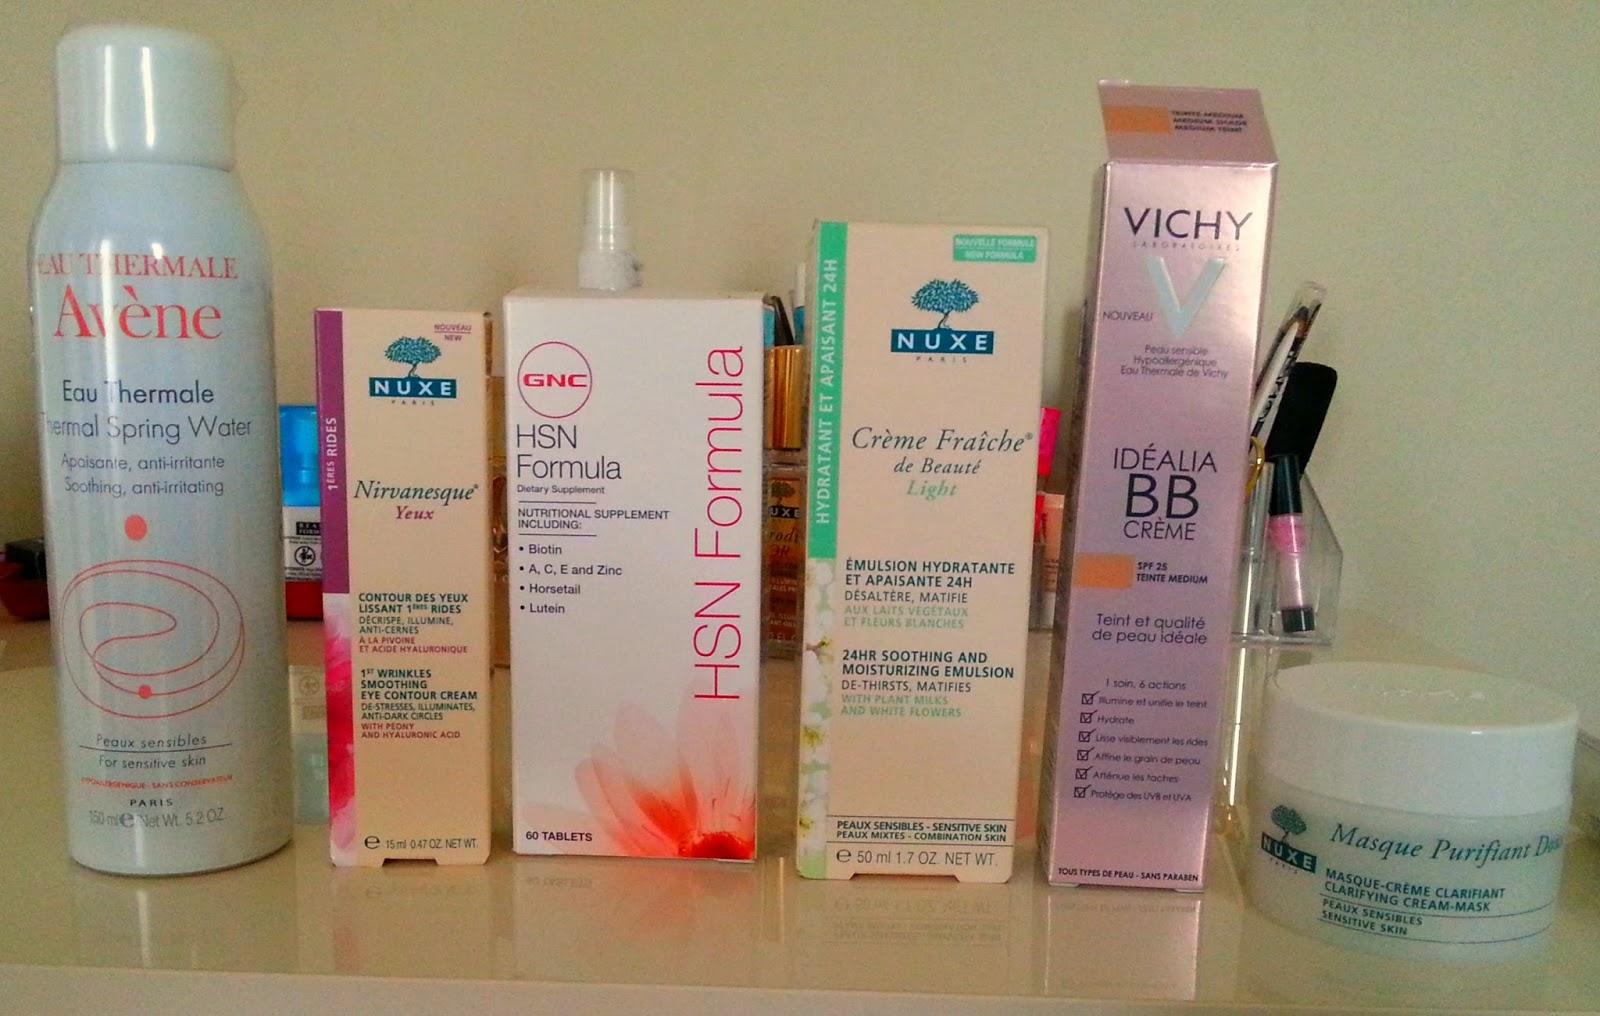 dermo kozmetik ürünler